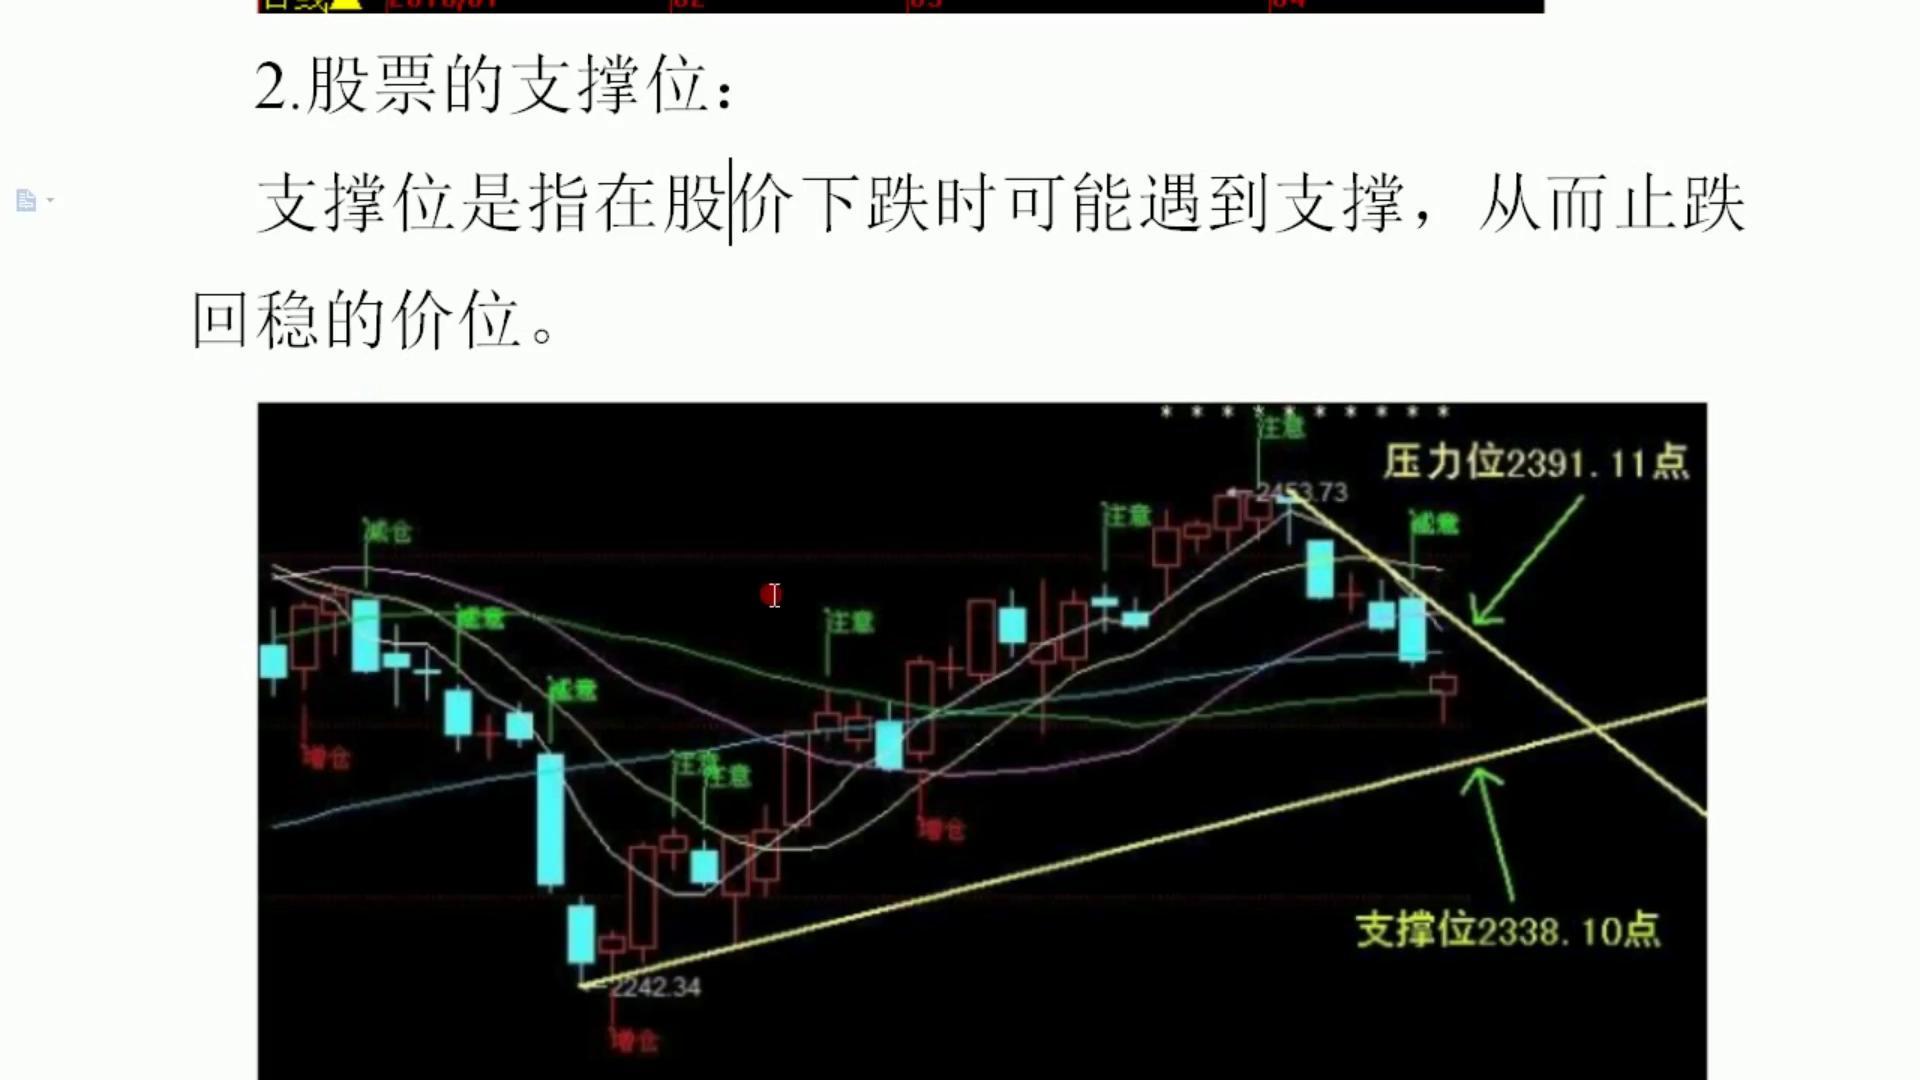 怎样来看股票的压力位和支撑位 (2)